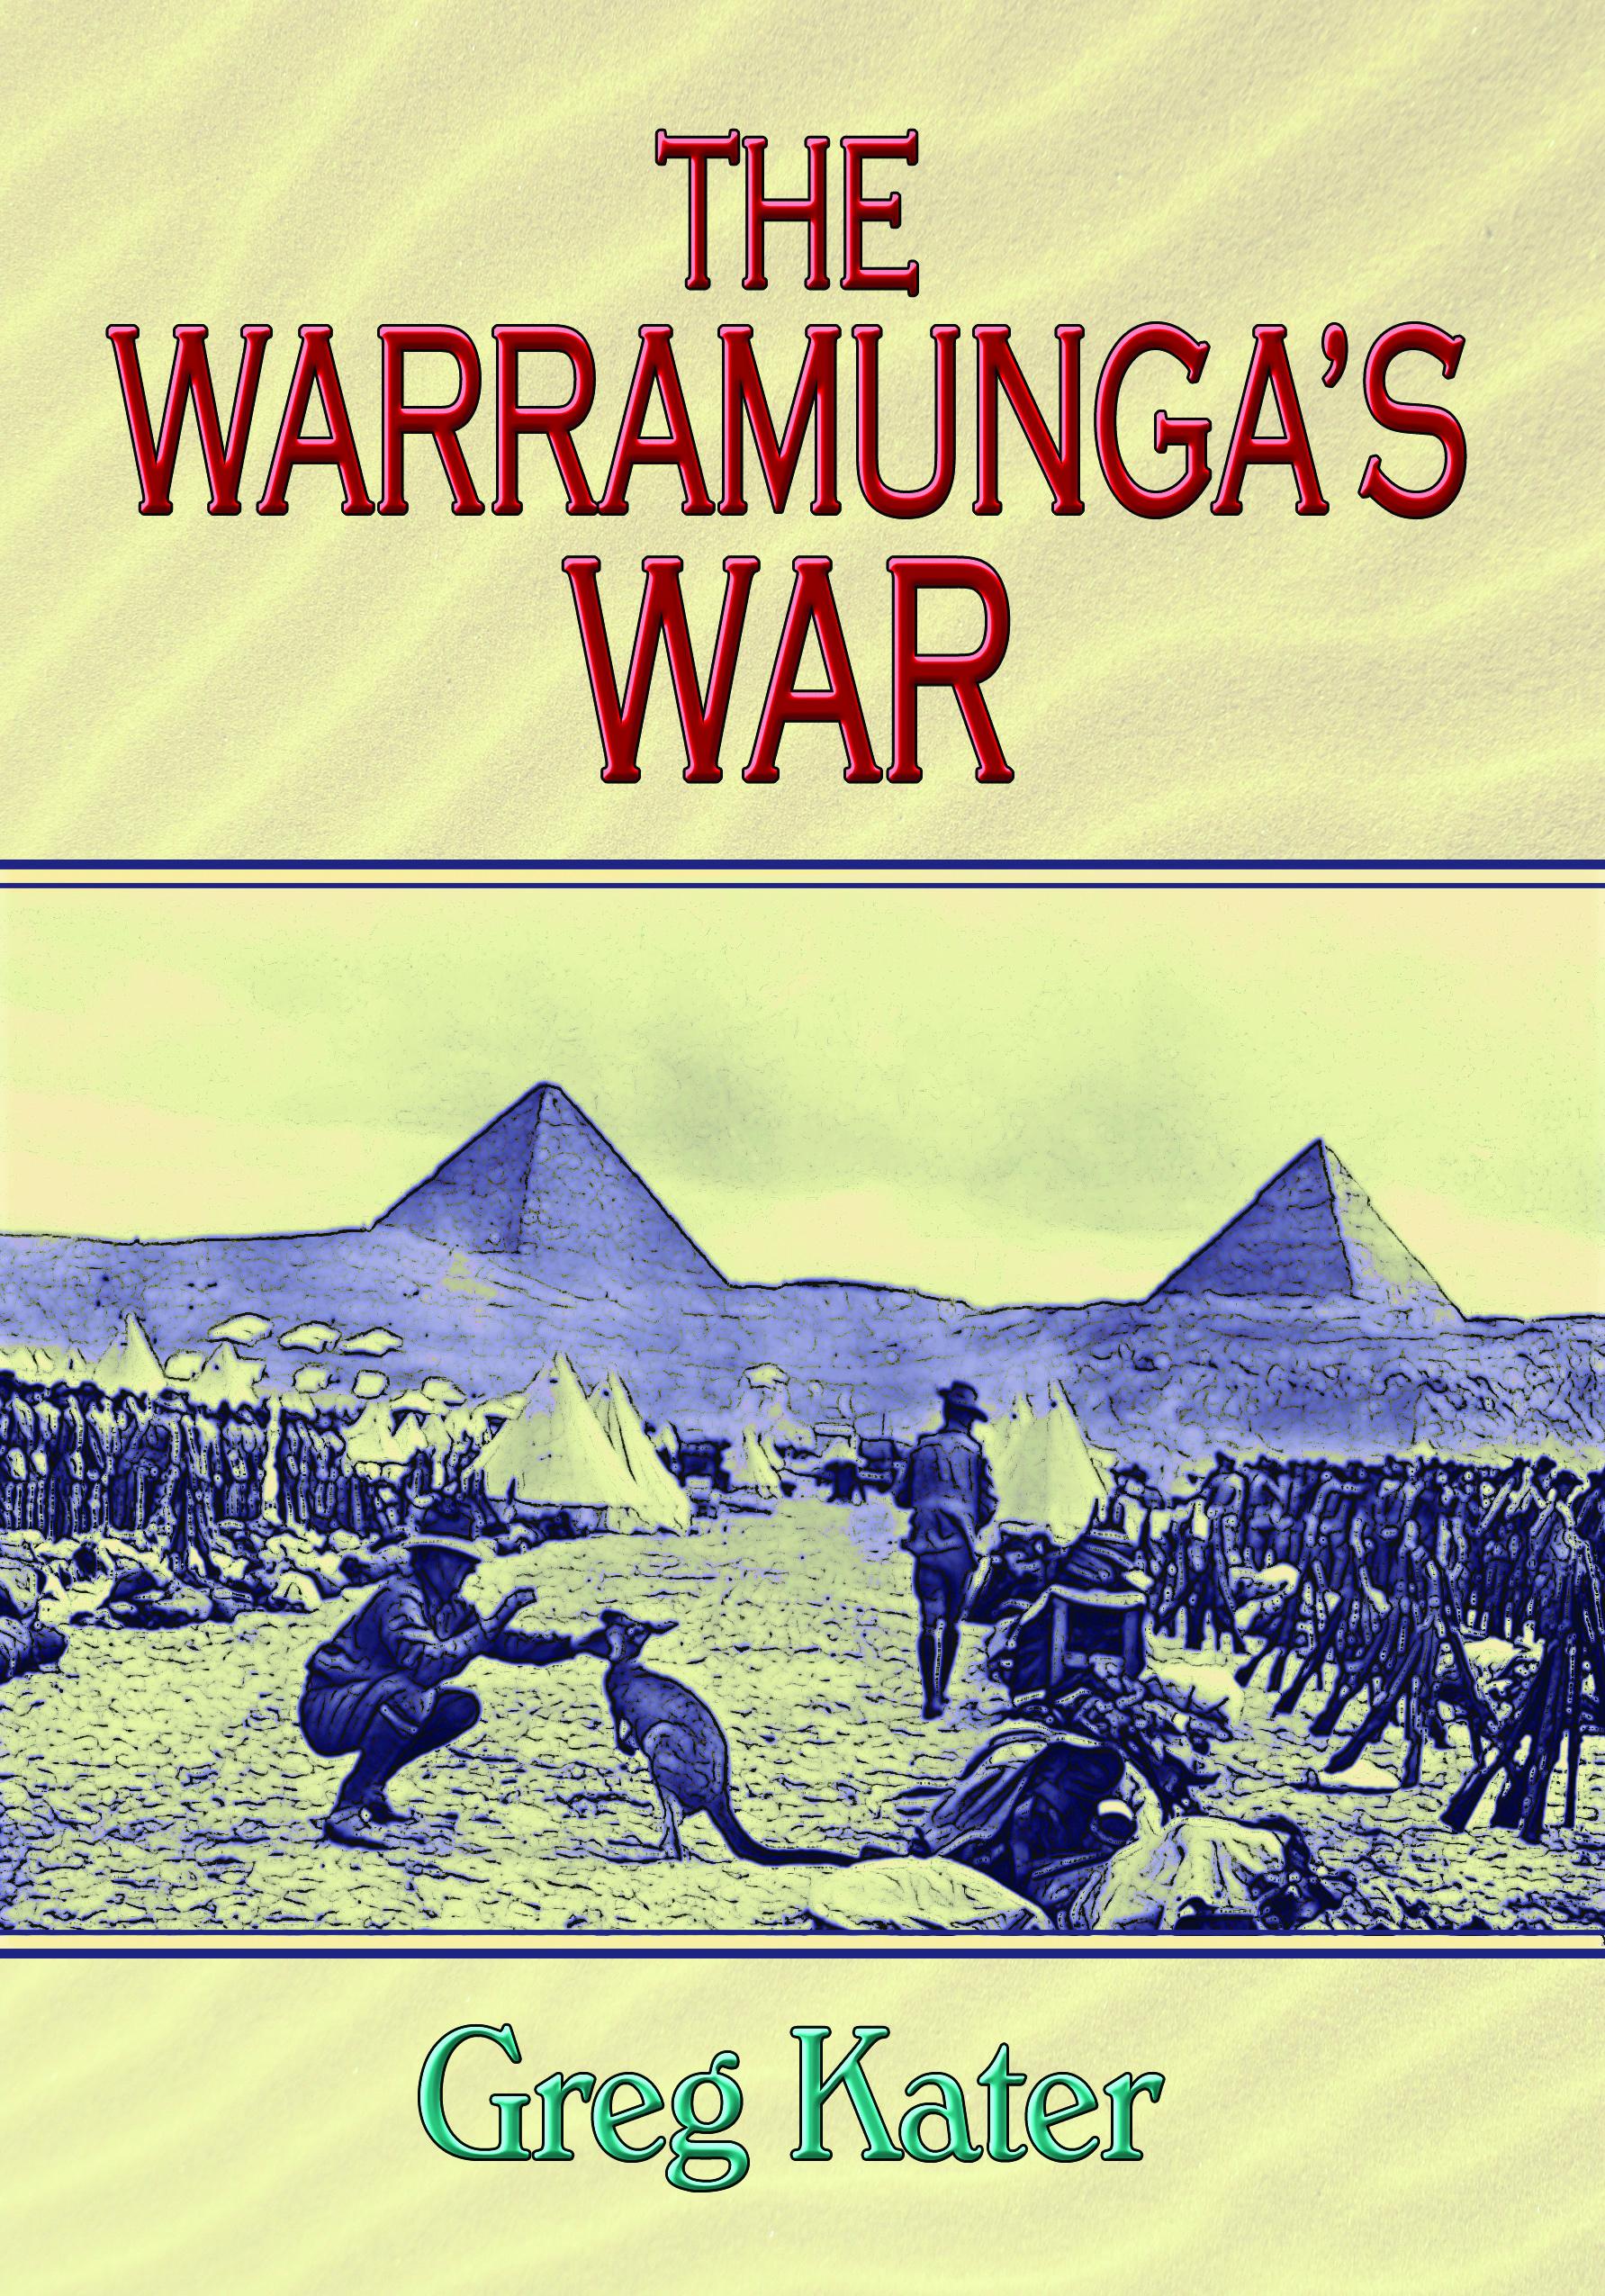 The Warramunga's War | The Bookish Elf